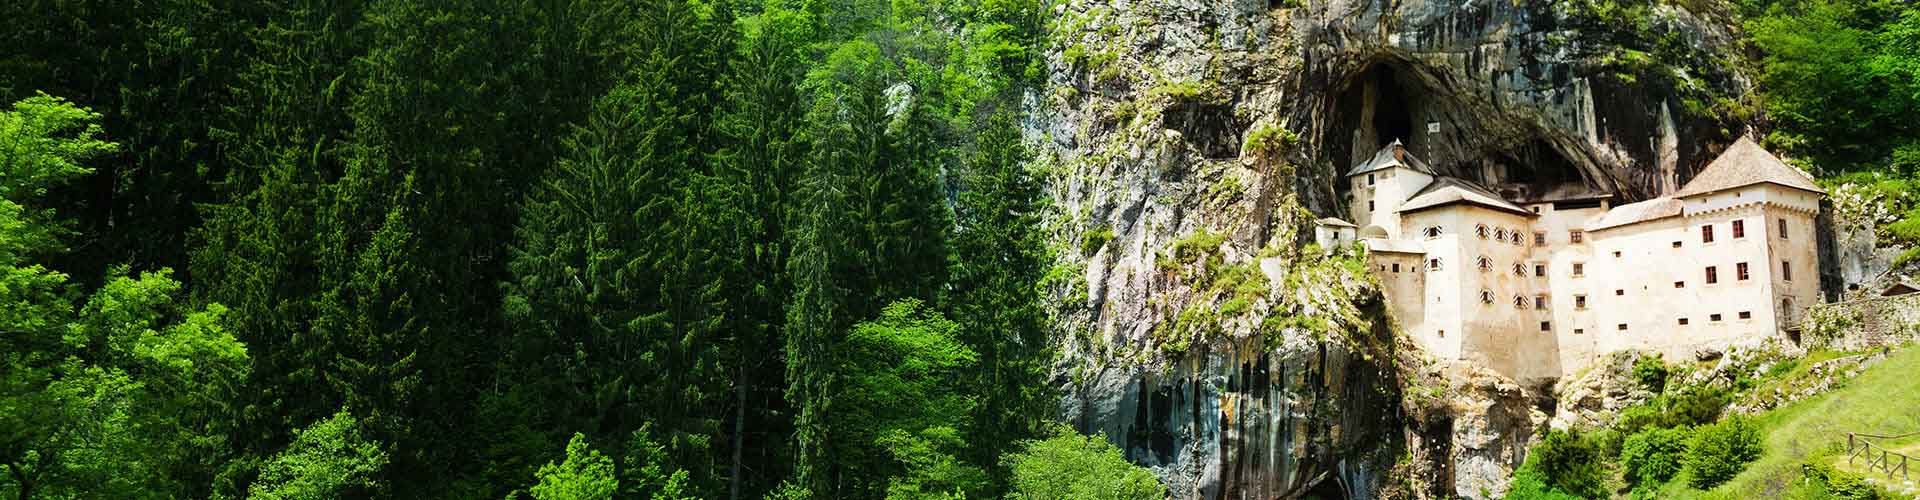 Postojna - Camping w mieście Postojna, Mapy miasta Postojna, Zdjęcia i Recenzje dla każdego campingu w mieście Postojna.